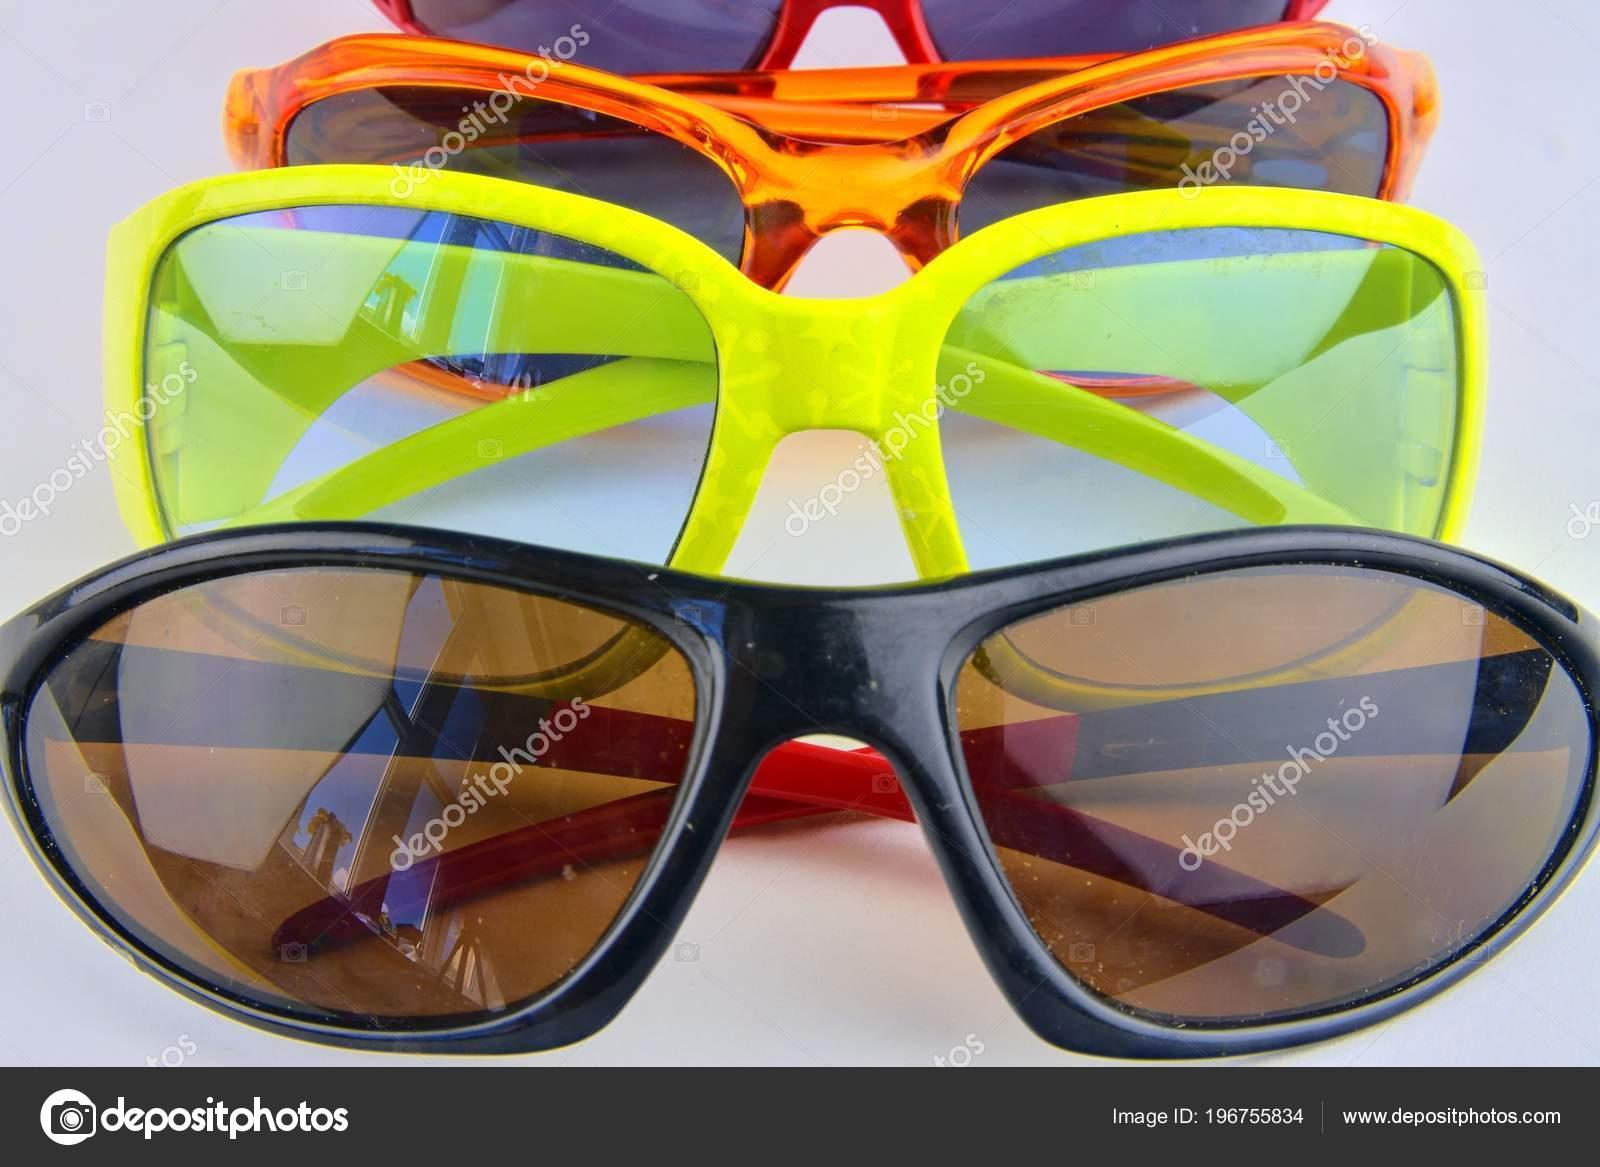 20a93ee94af3a Óculos de sol à moda para mulheres e crianças. Coleção de óculos olho no  fundo branco — Foto de RomanNerud